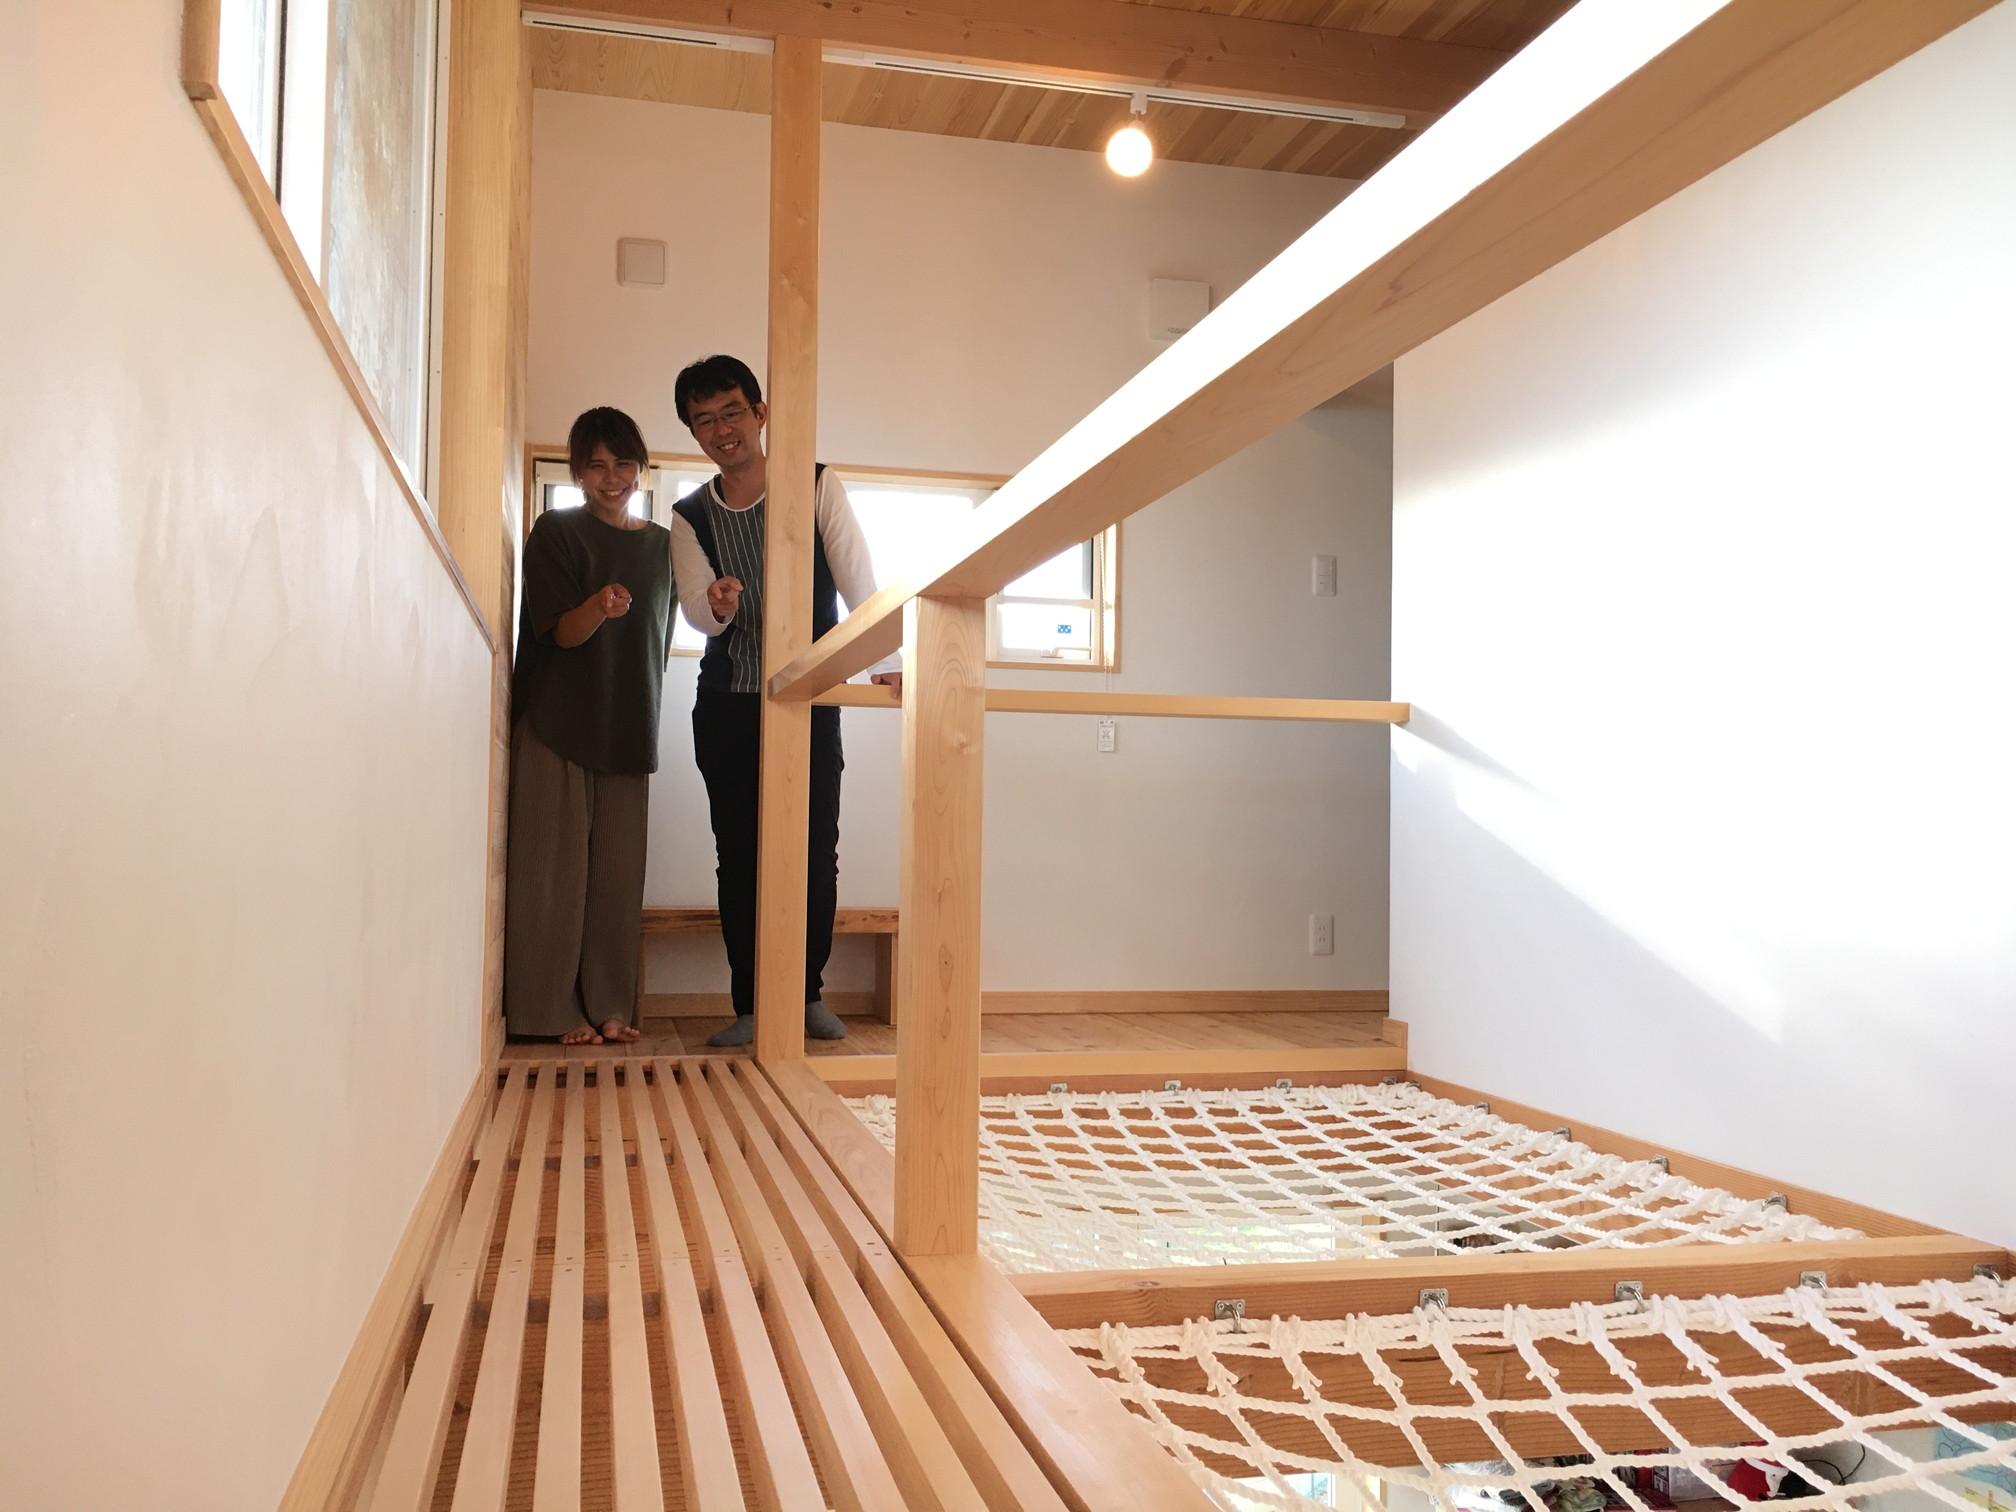 木村建設を訪問した理由をお聞かせください。